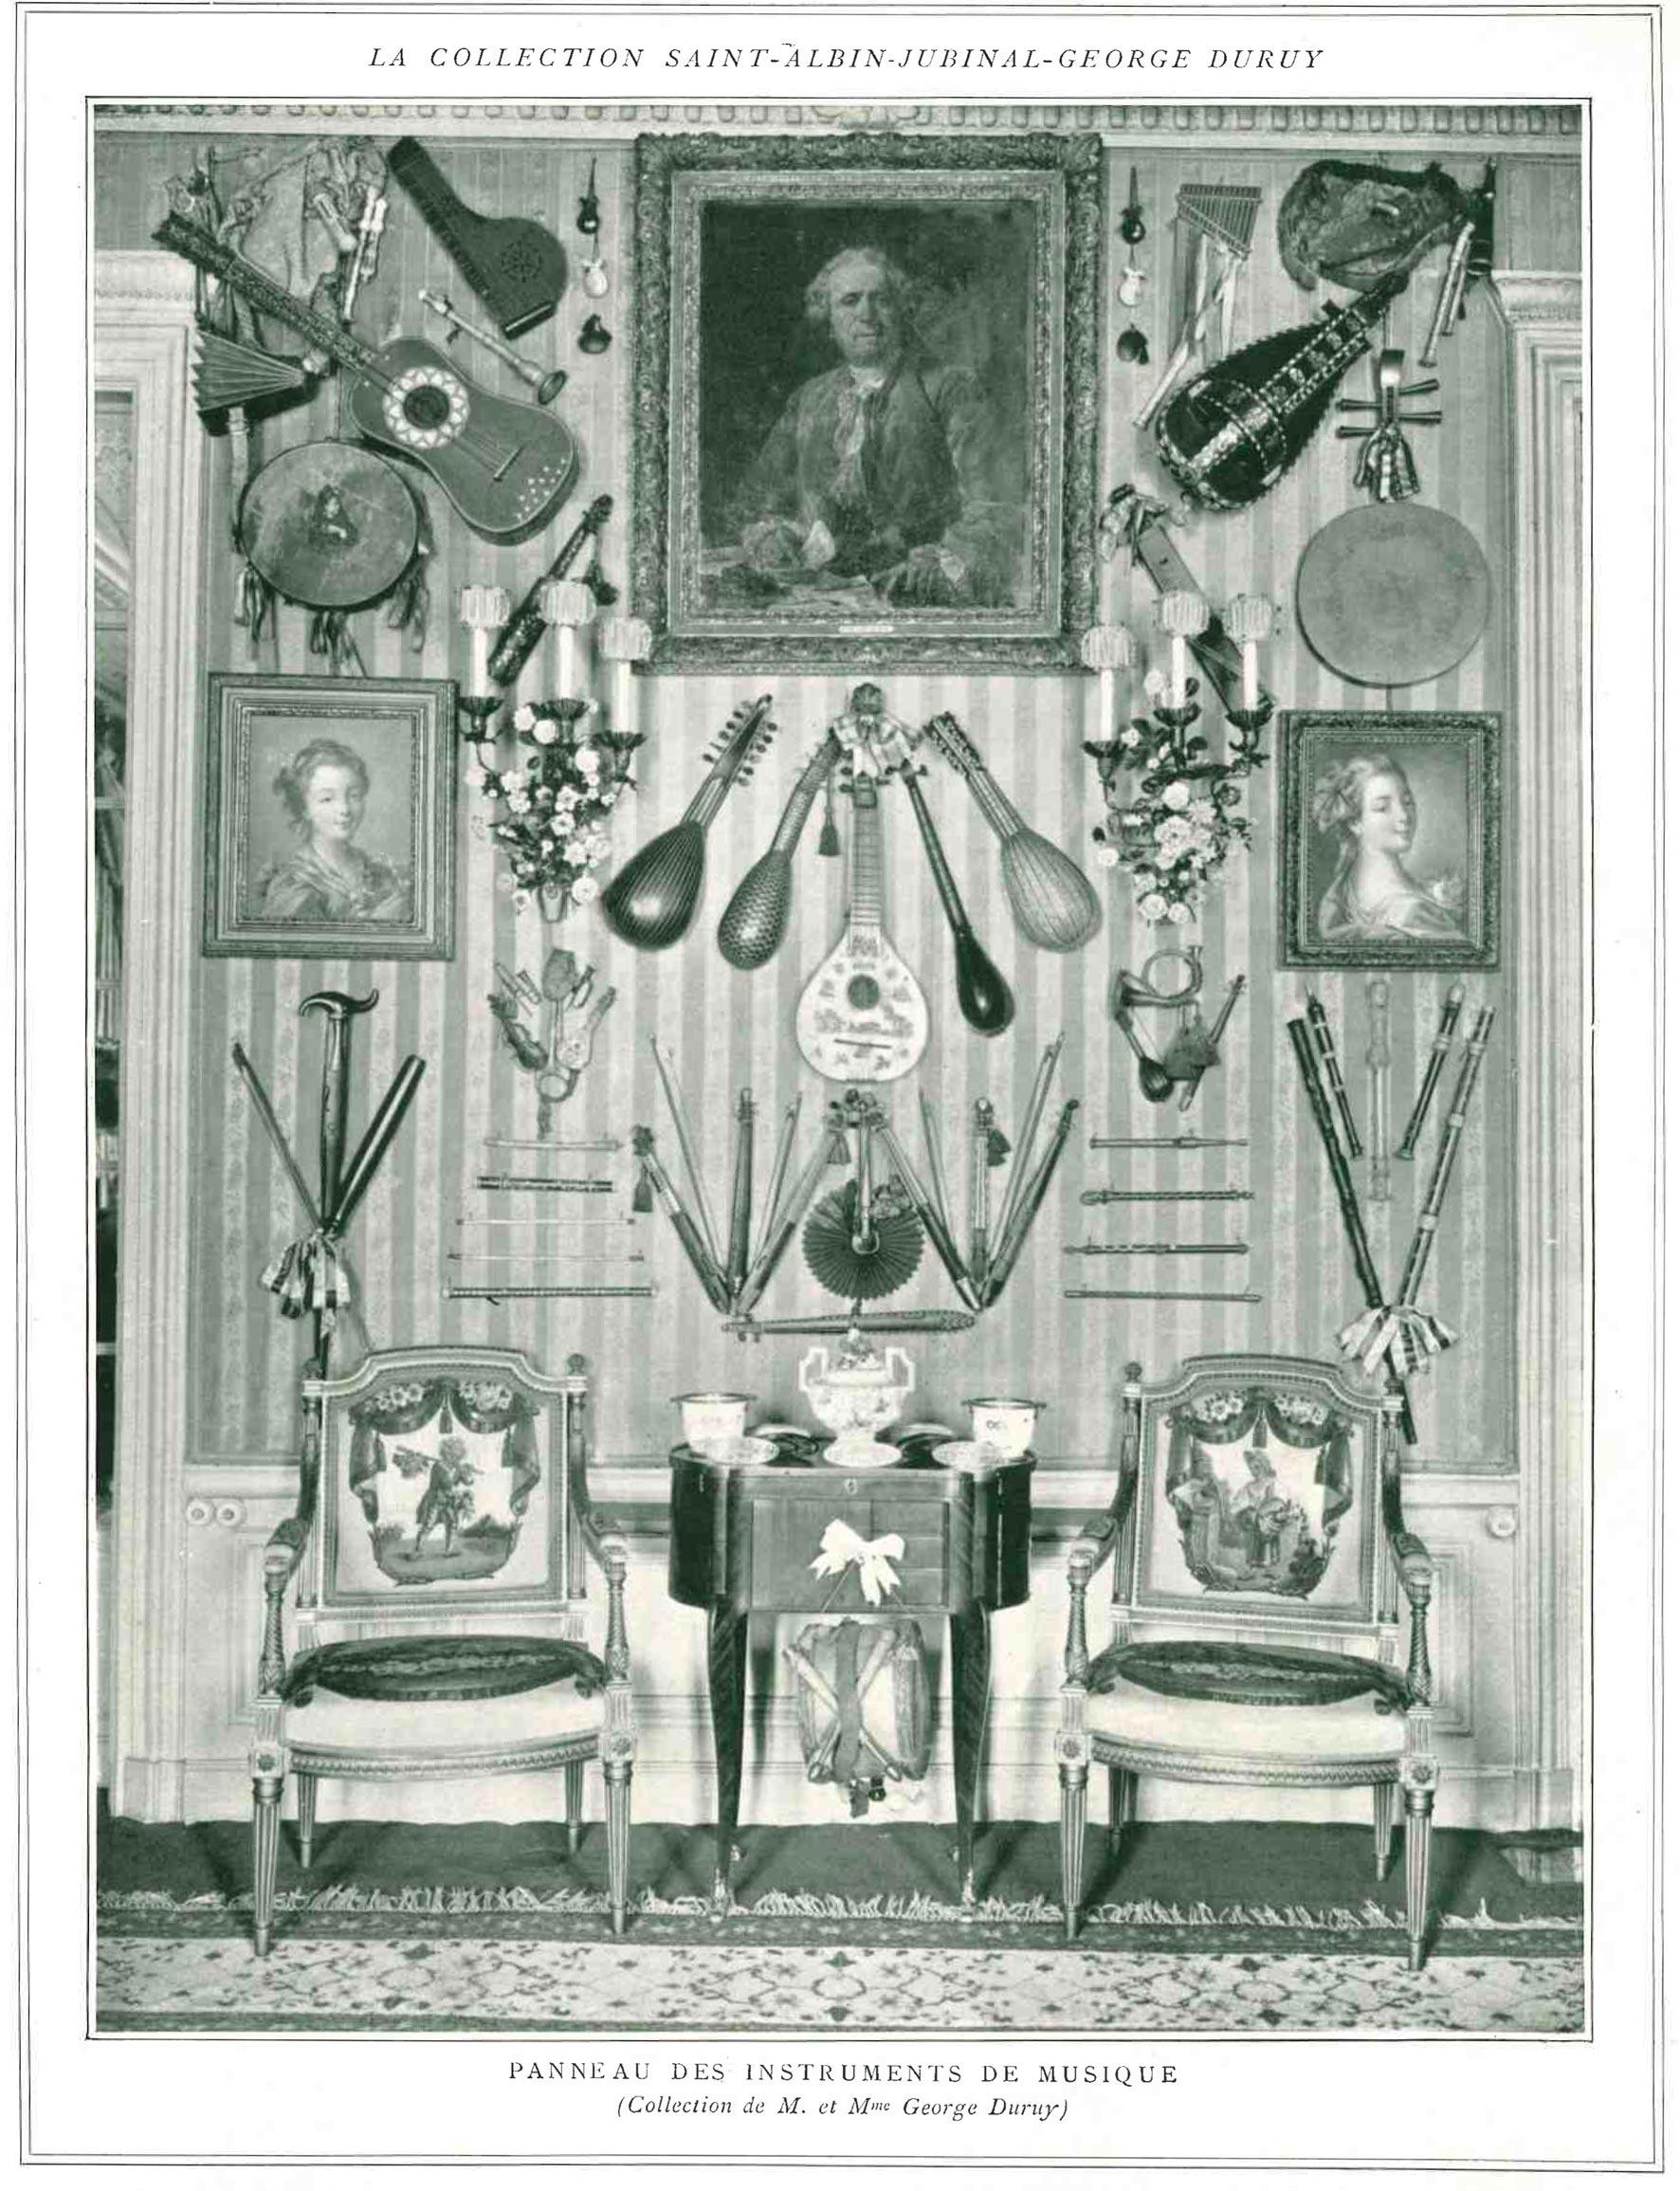 xtrait de la revue « Les Arts » - Collection Achille JUBINAL